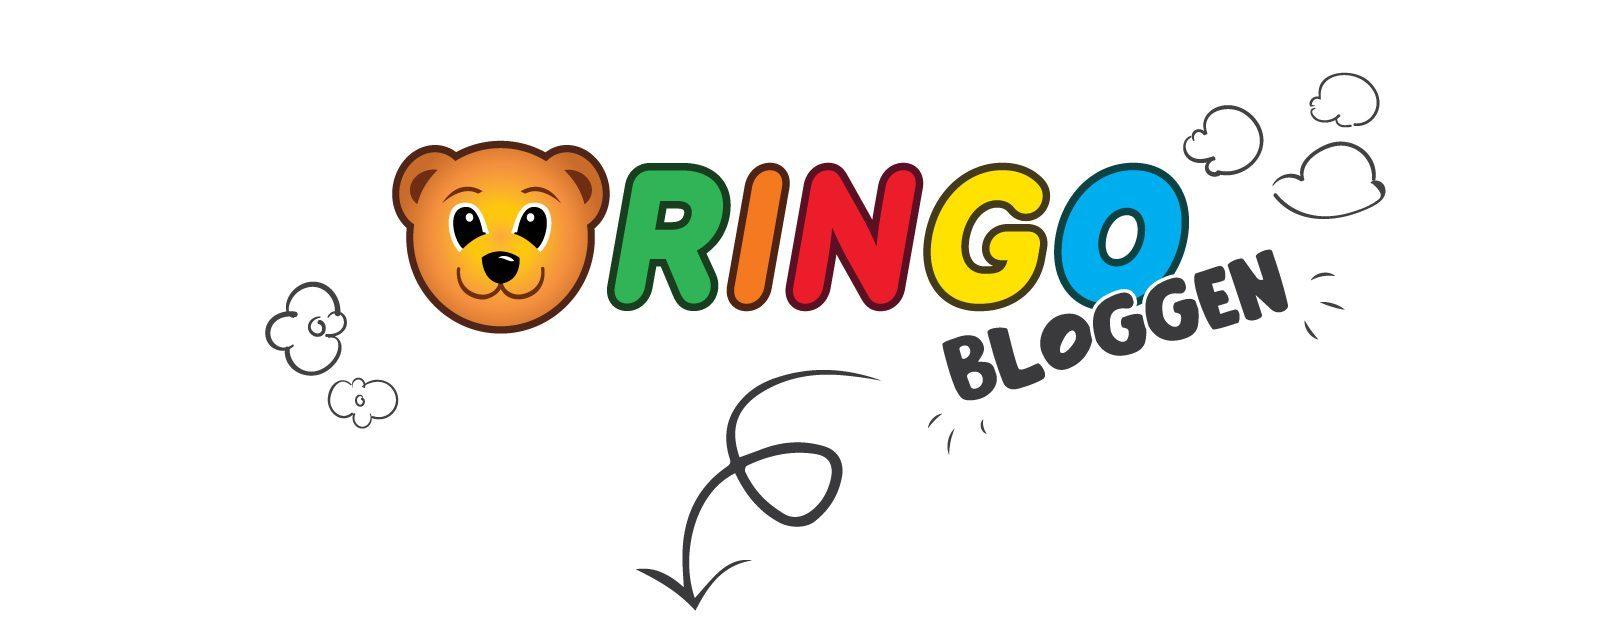 ringobloggen-logo, skyer, blomster og en pil som peker ned